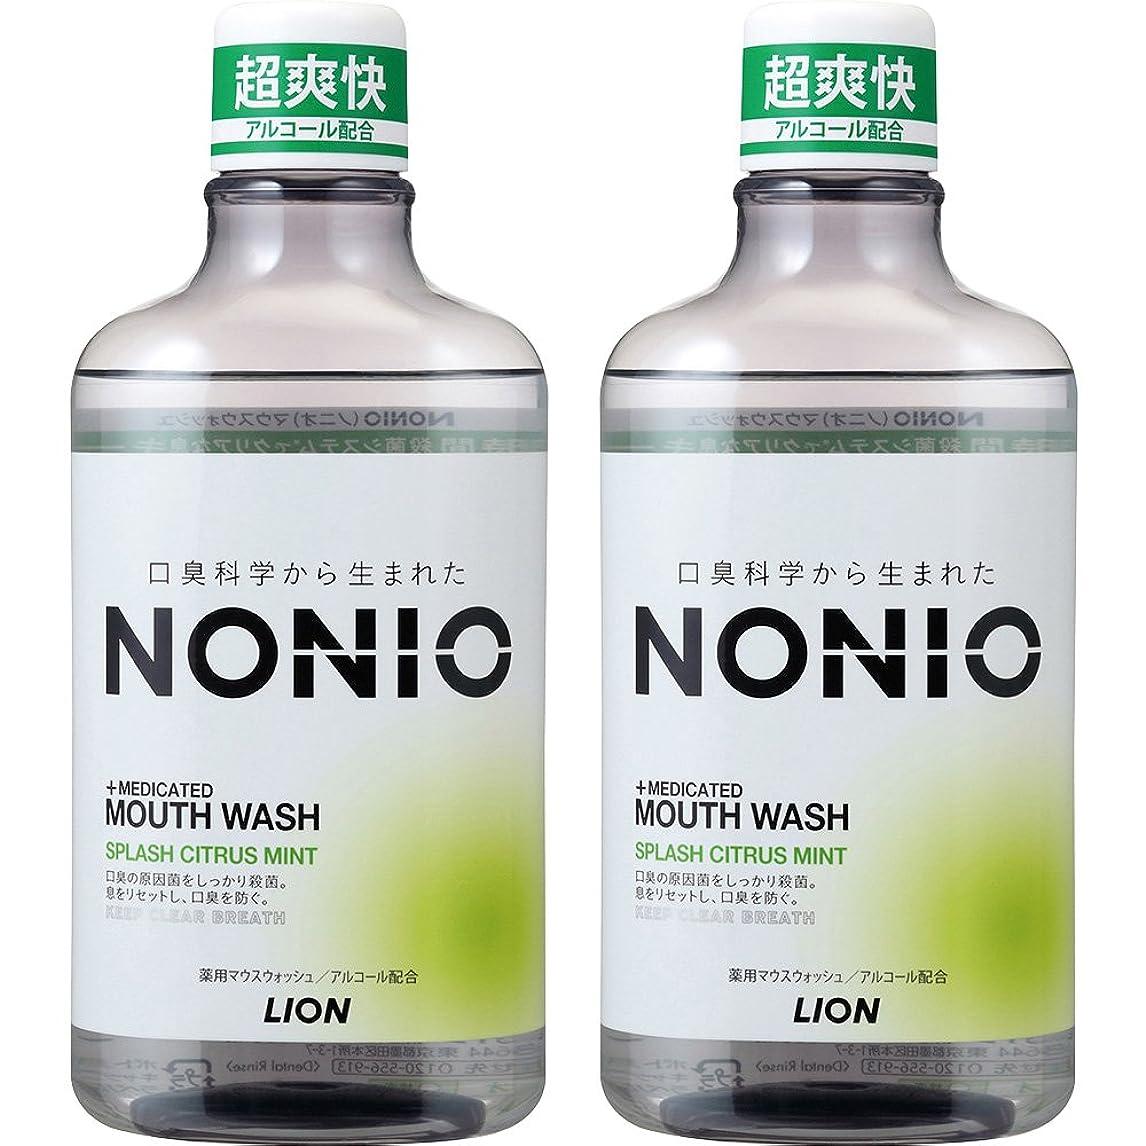 名詞リラックスした経歴[医薬部外品]NONIO マウスウォッシュ スプラッシュシトラスミント 600ml×2個 洗口液